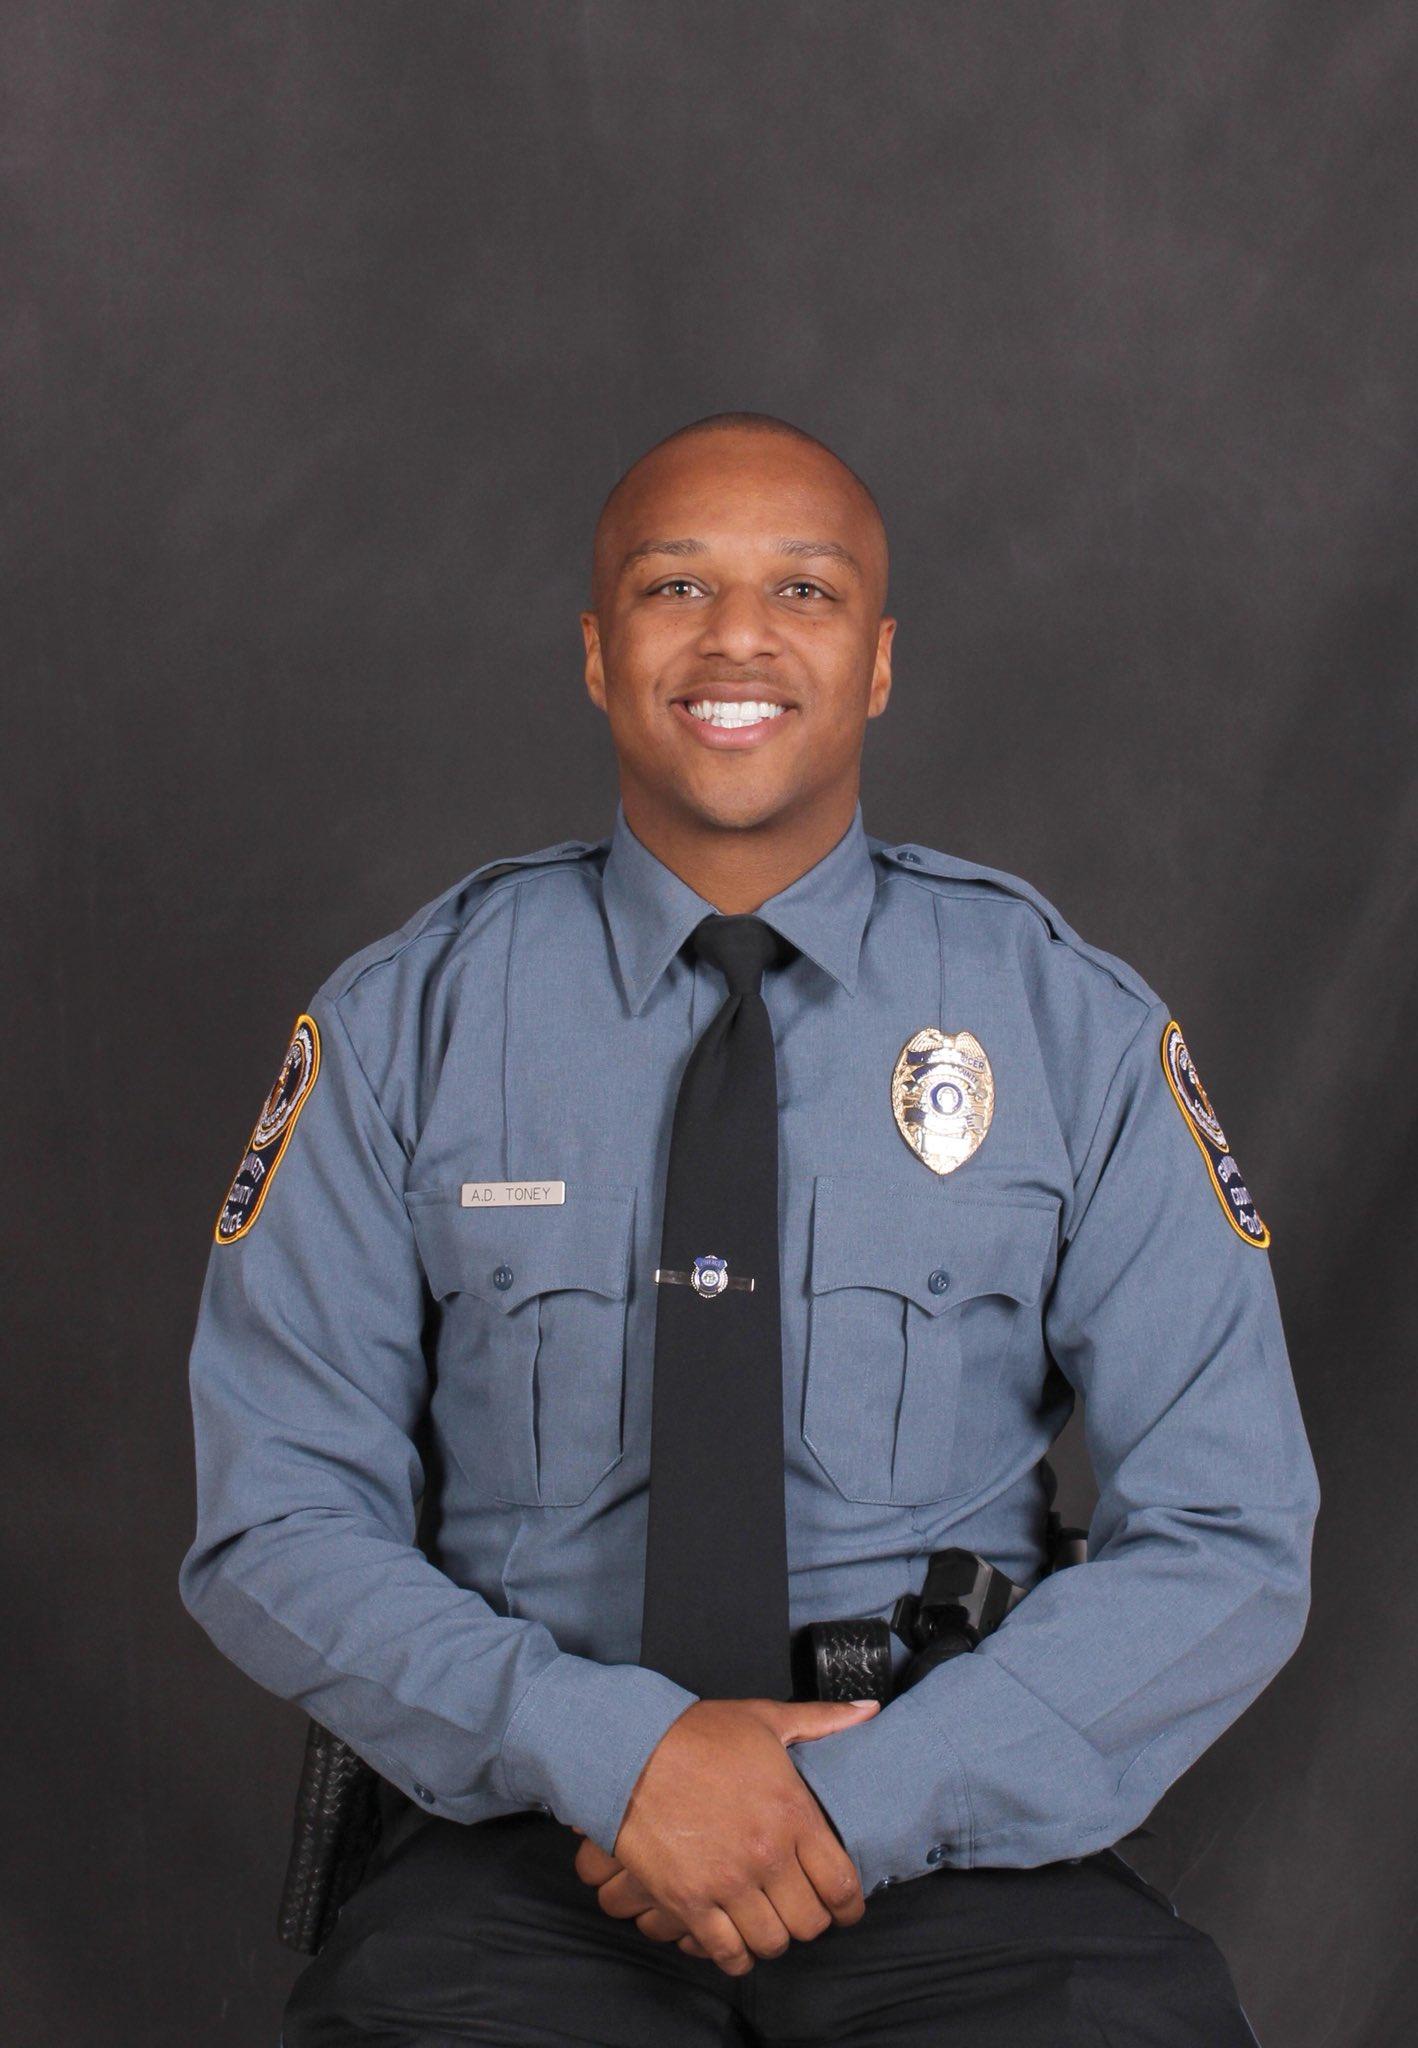 Police Officer Antwan DeArvis Toney | Gwinnett County Police Department, Georgia